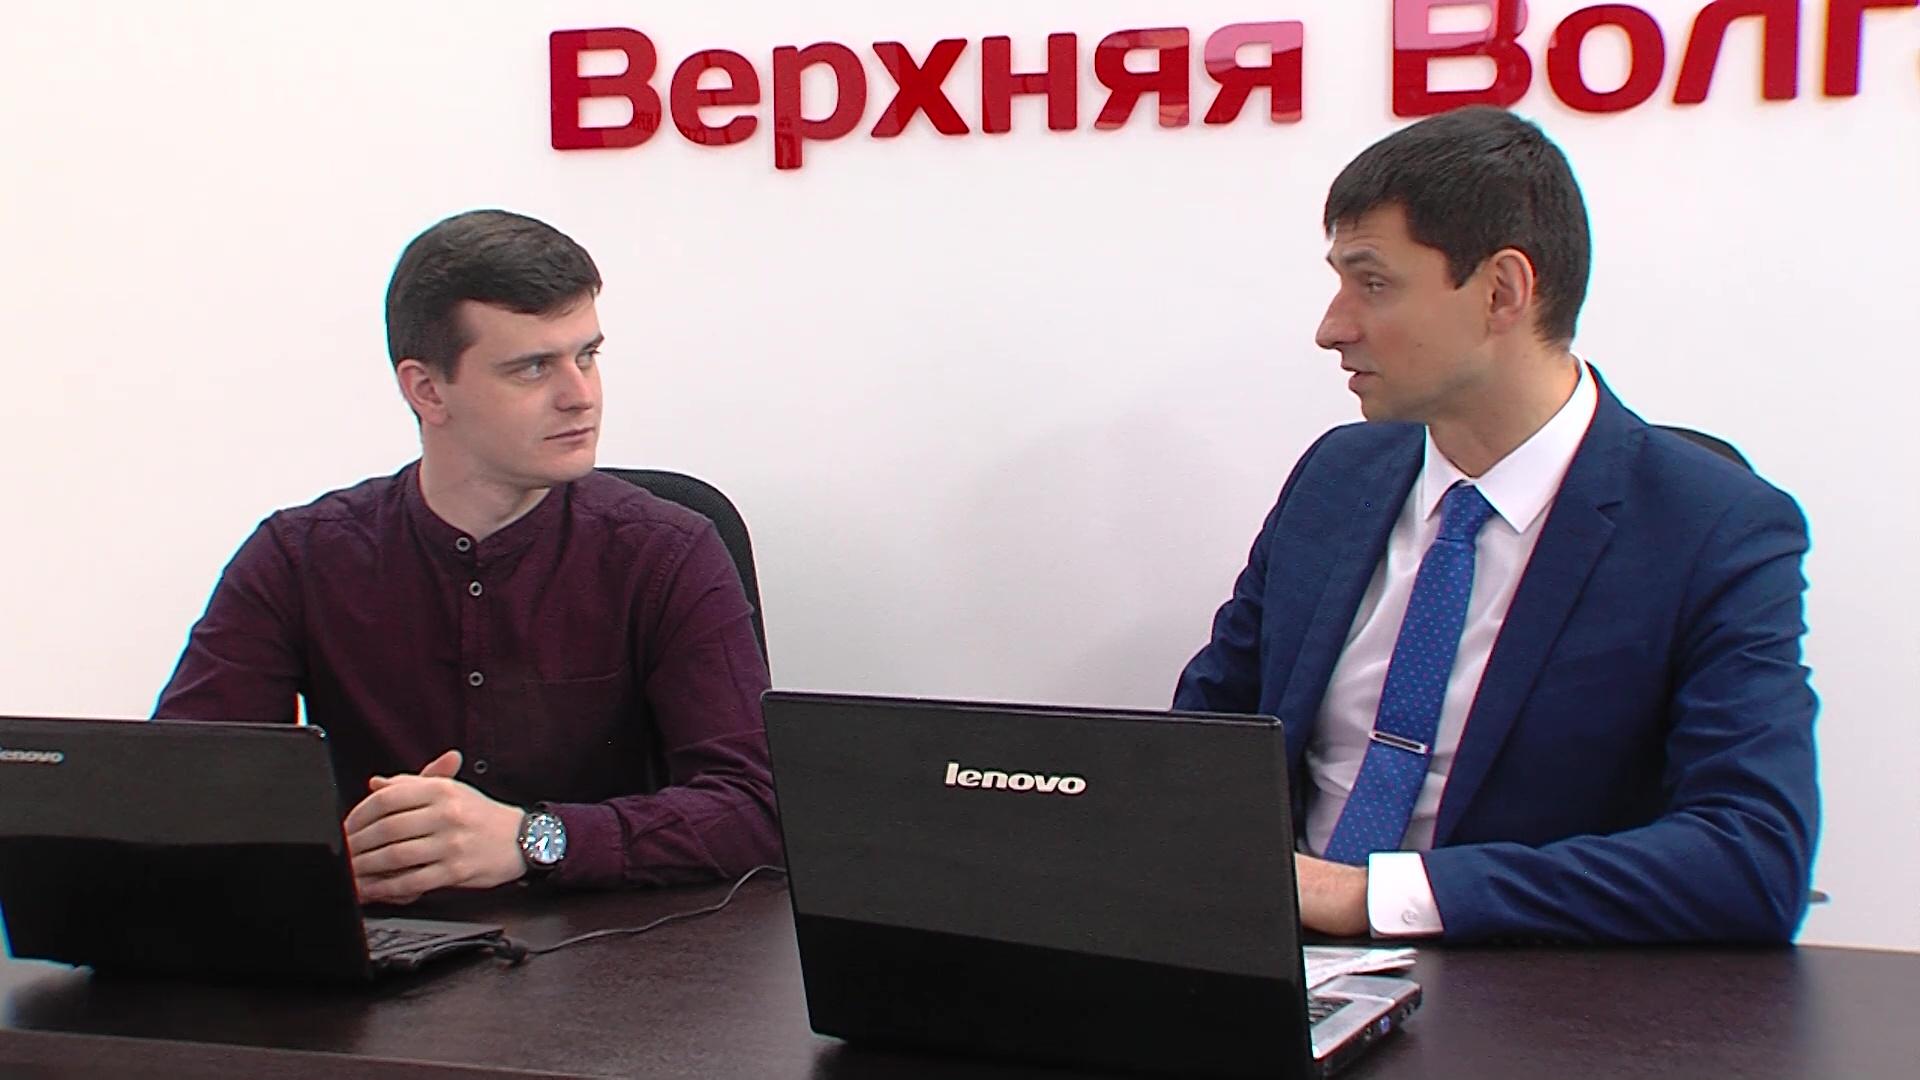 Ярославцам рассказали о поддержке бизнеса в режиме онлайн